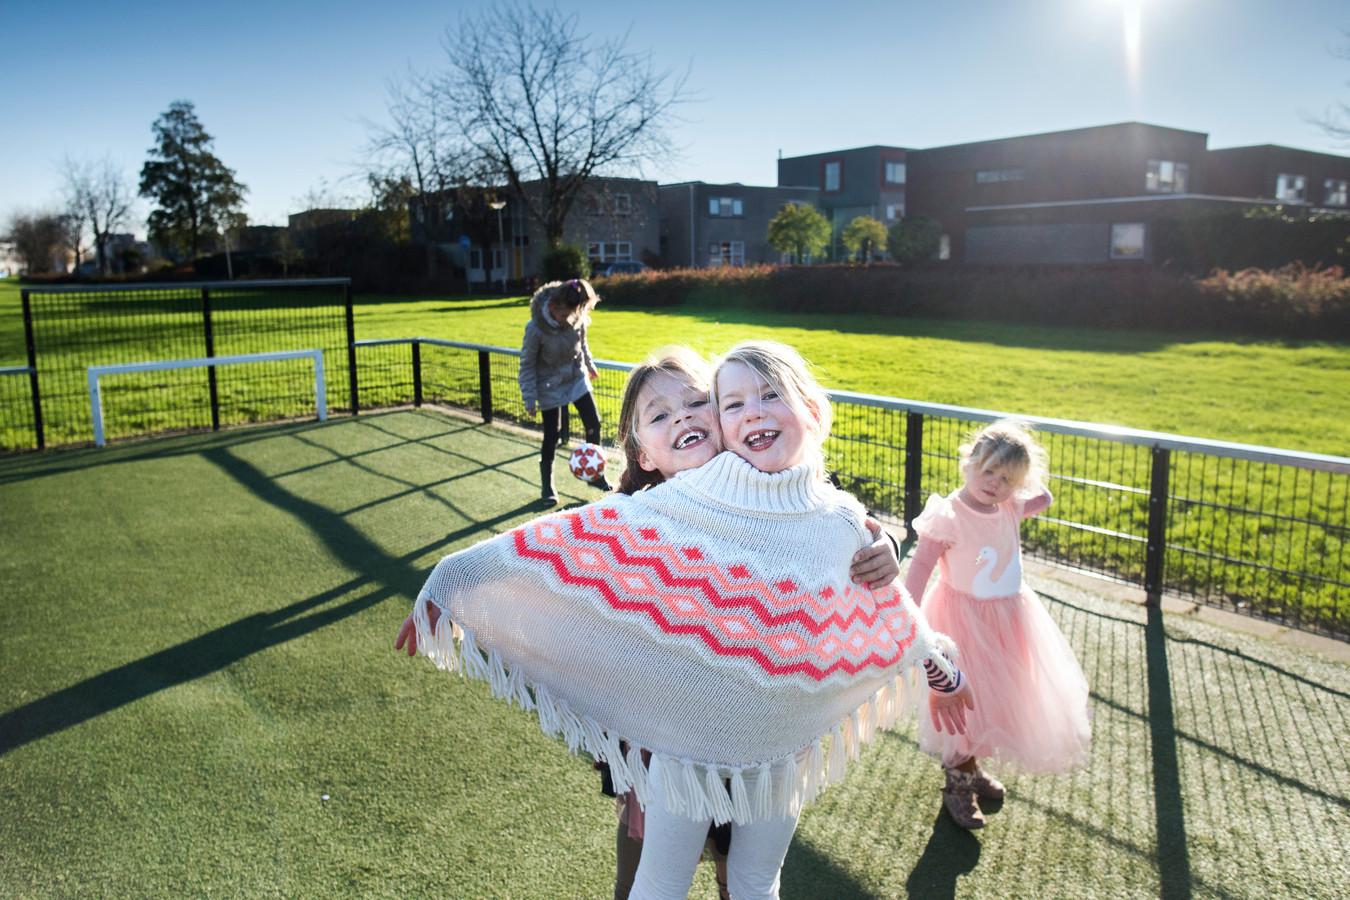 De stad Groningen is door Arcadis uitgeroepen tot gezondste stad van Nederland. De stad kent veel speelvelden, zoals Hunzebrink in wijk De Hunze.